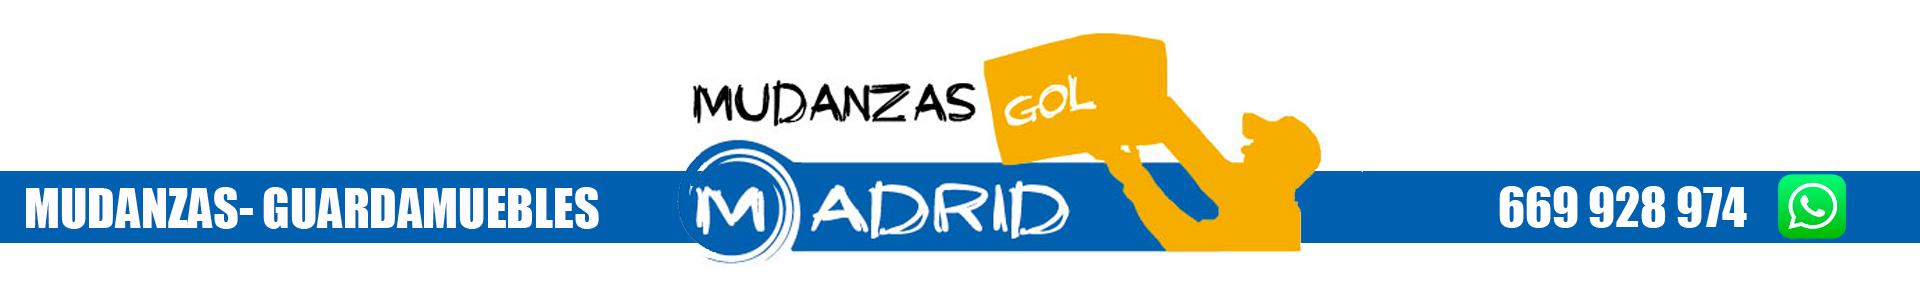 Mudanzas y guarmuebles Gol Madrid